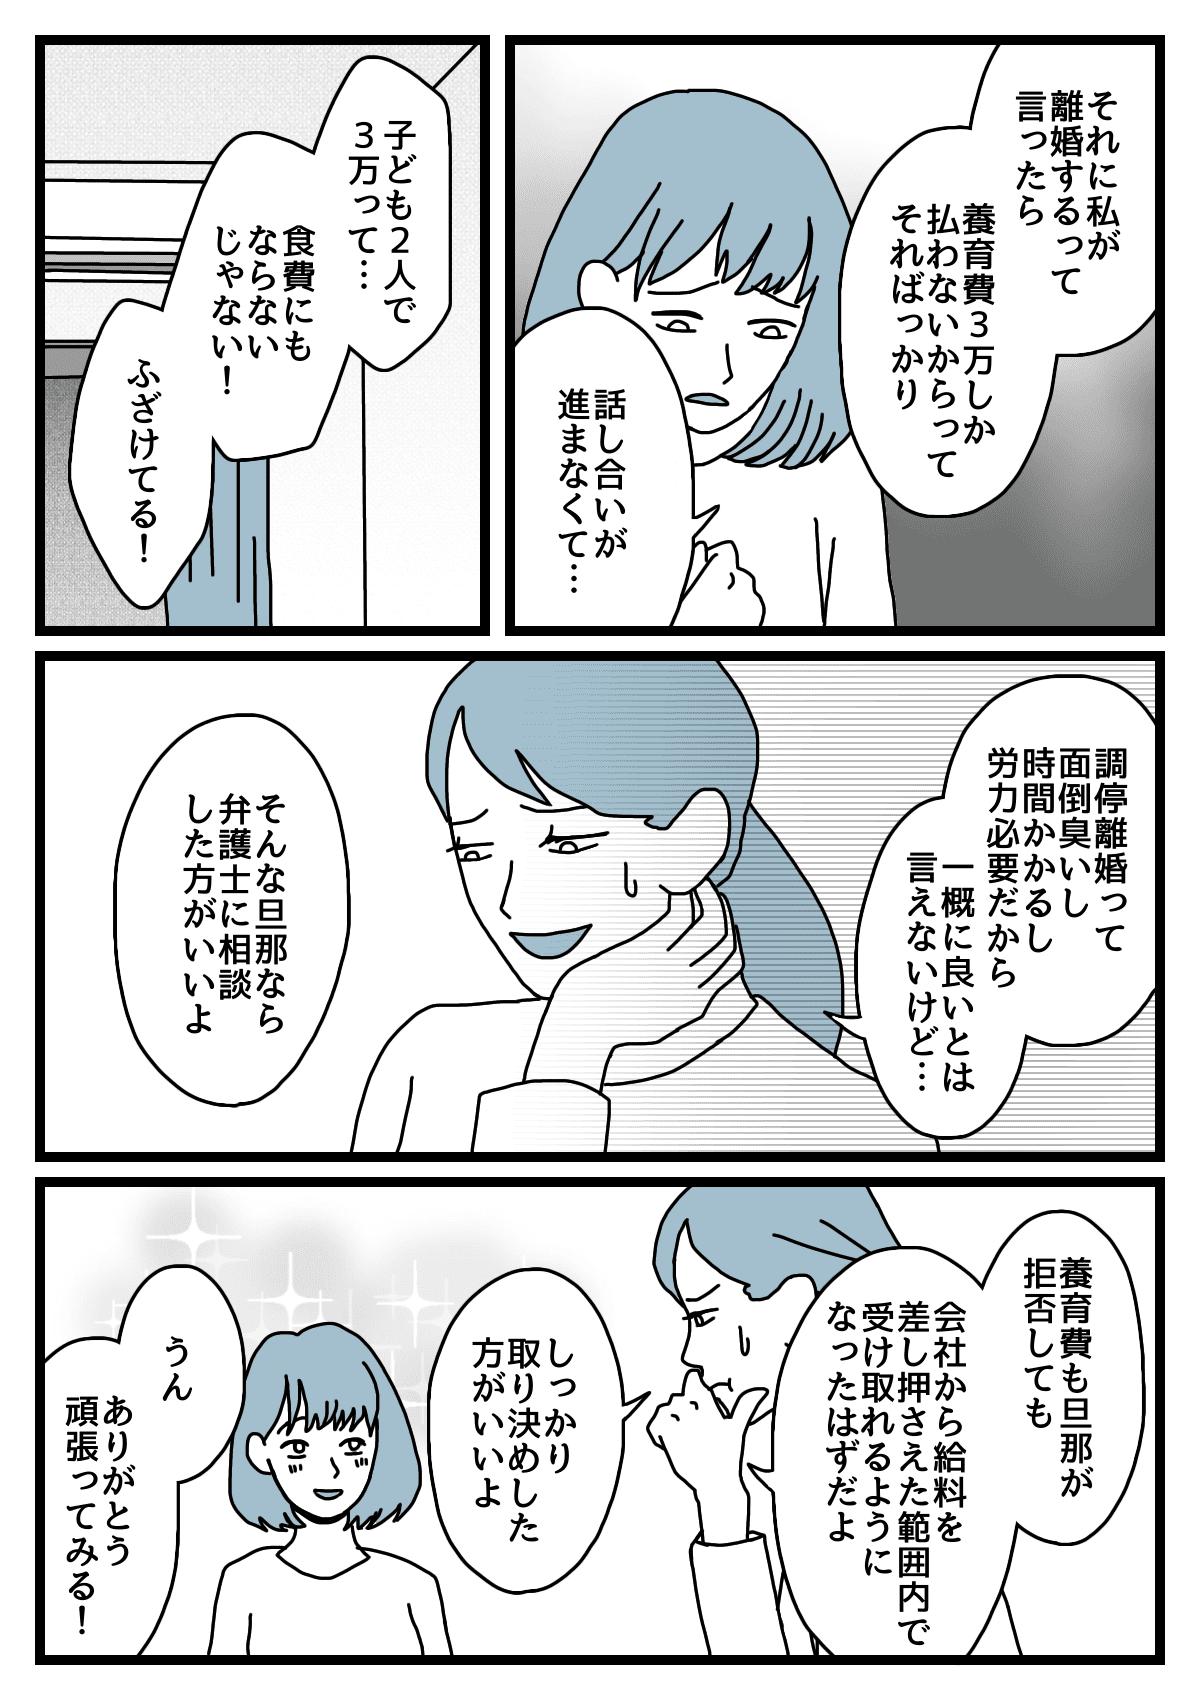 【後編】束縛3